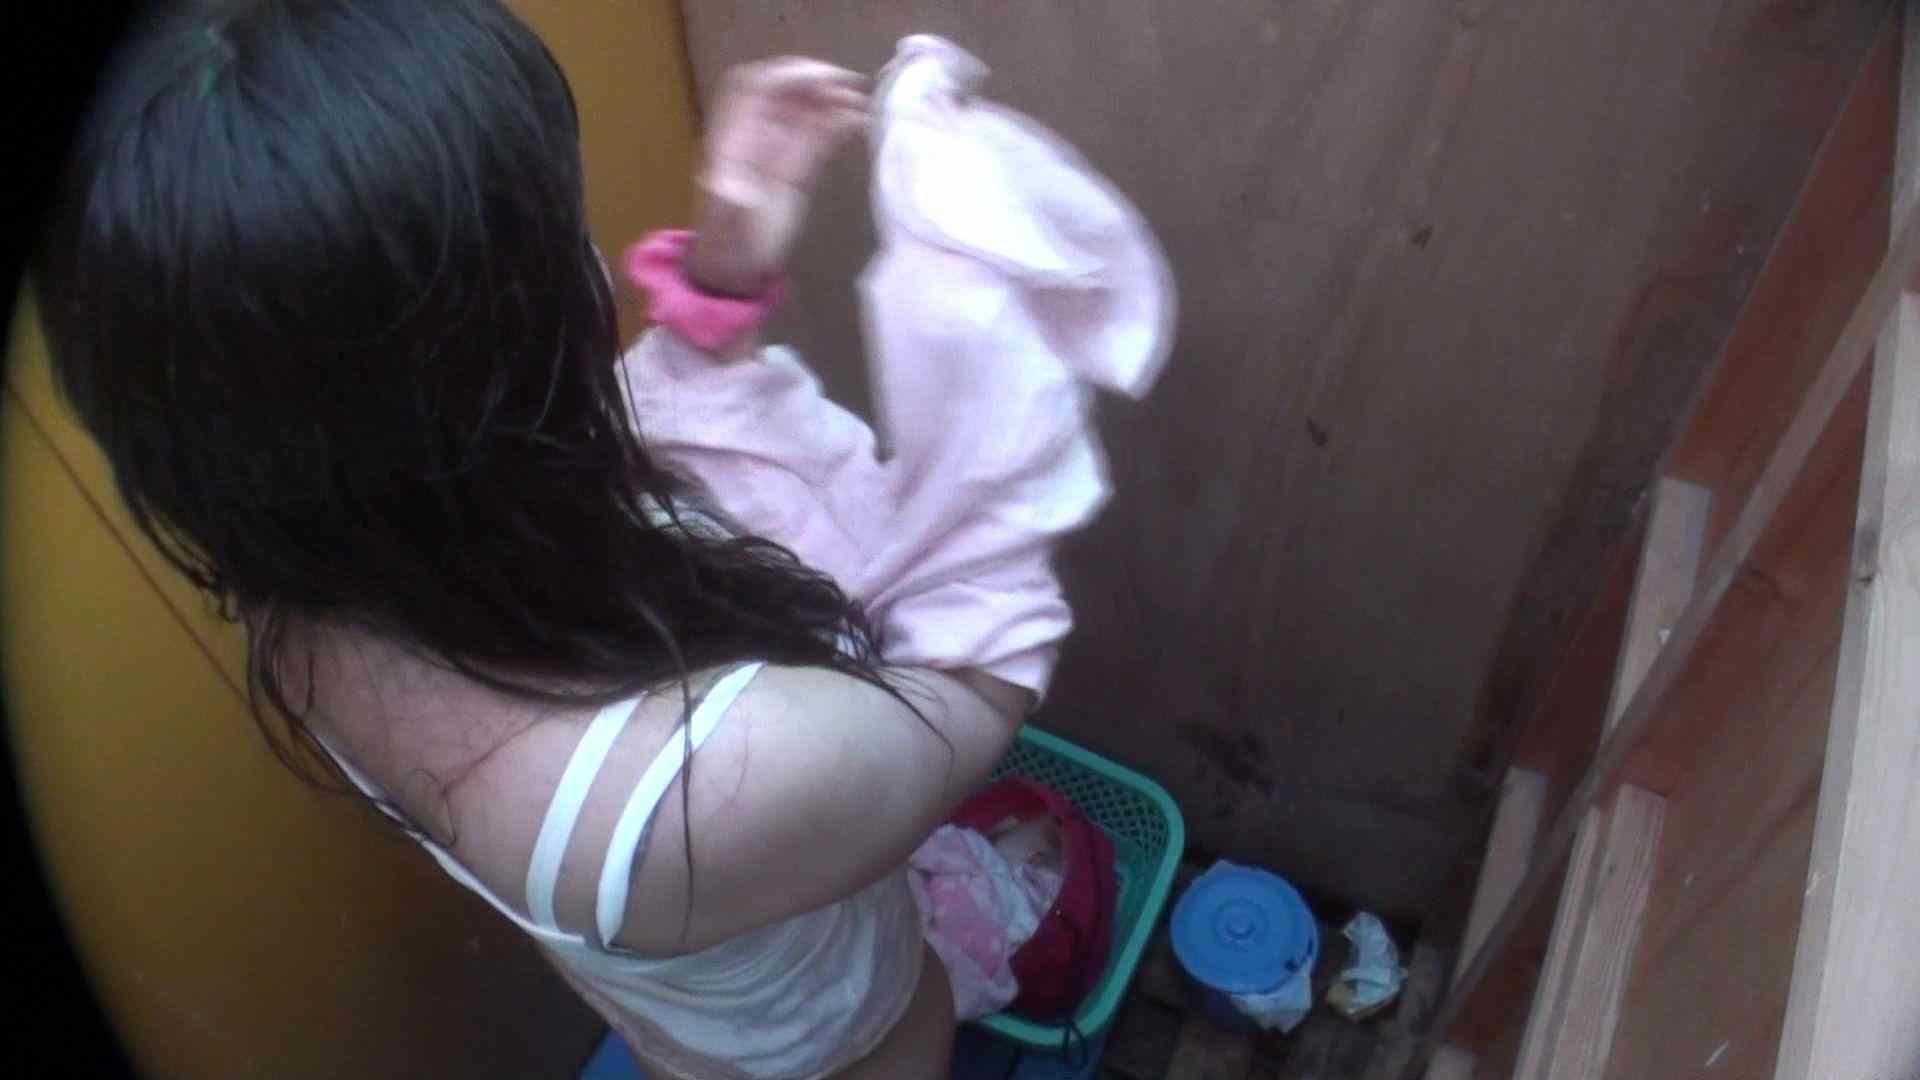 シャワールームは超!!危険な香りVol.13 ムッチムチのいやらしい身体つき シャワー 盗撮動画紹介 76pic 71